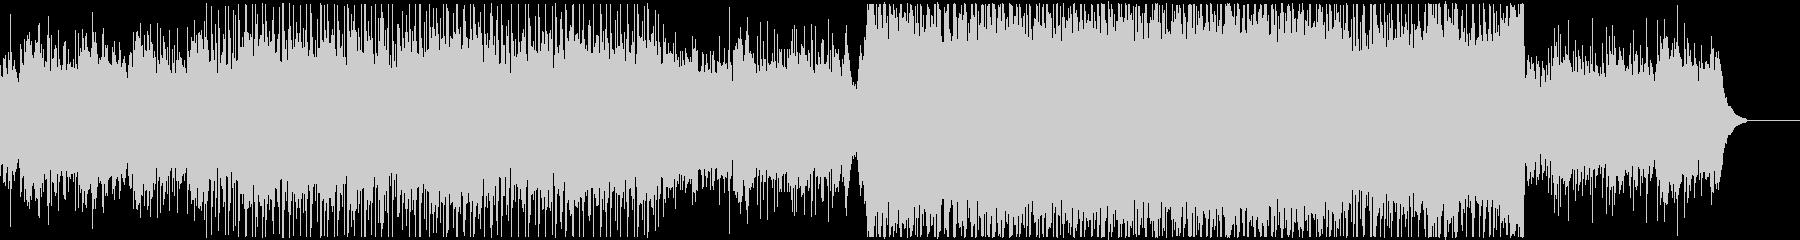 透明感のあるエモーショナルなBGMの未再生の波形